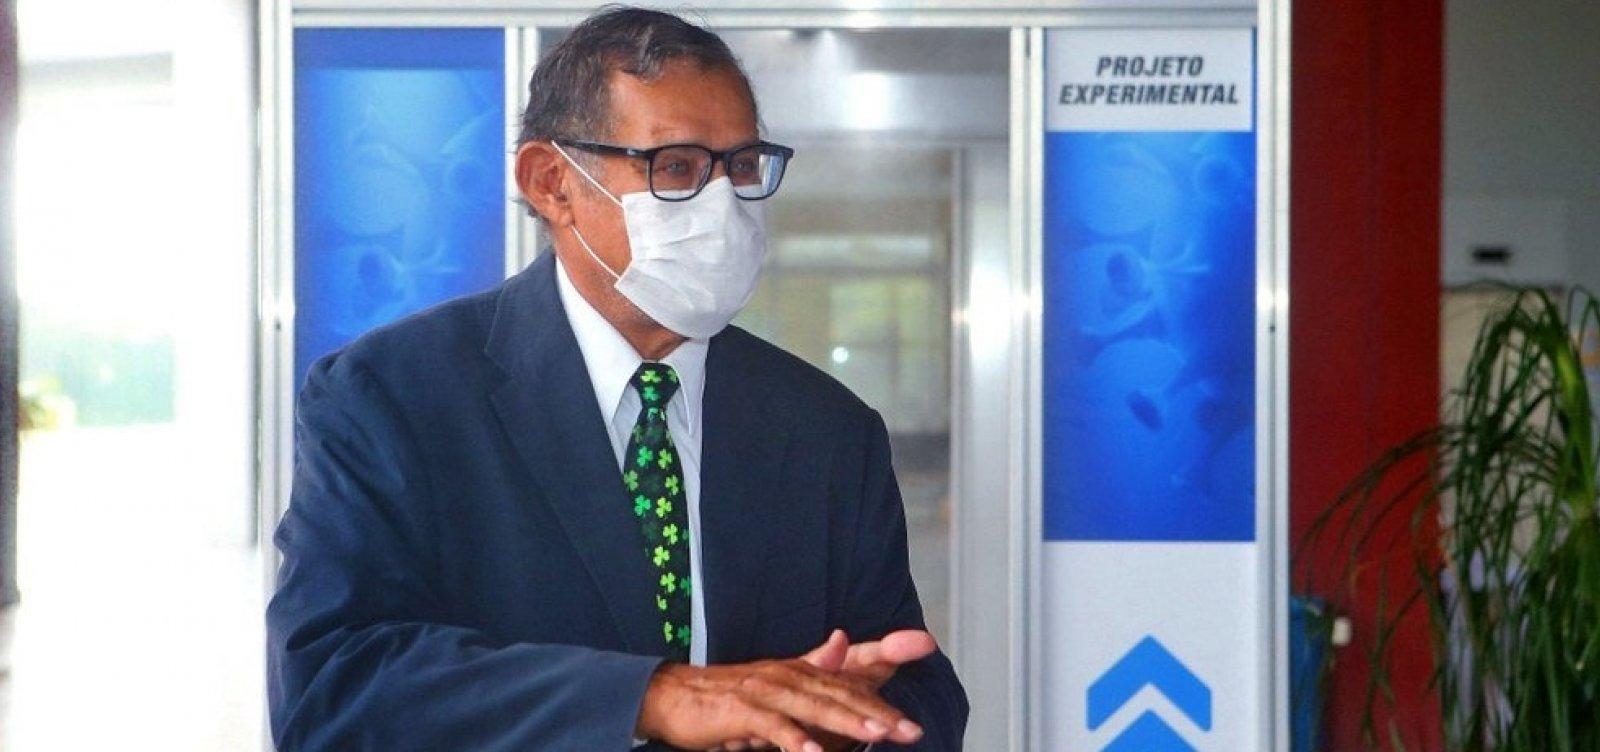 [Badaró critica desorganização no sistema de regulação: 'A gente está enxugando o gelo']